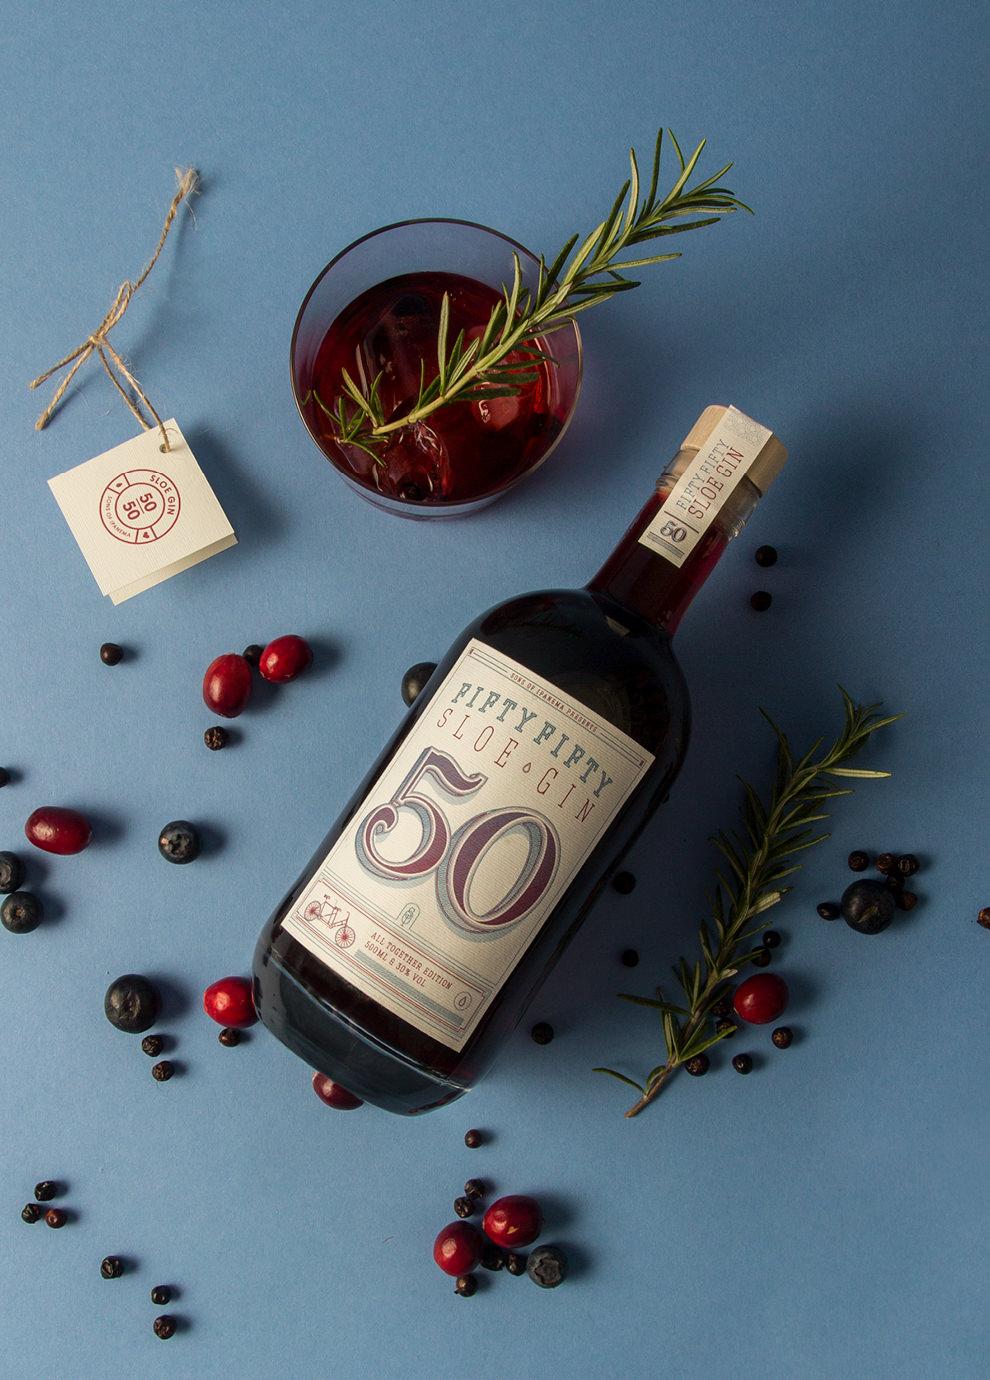 Fifty Fifty Sloe Gin aus dem Hause sons of ipanema, einem Designstudio aus Köln